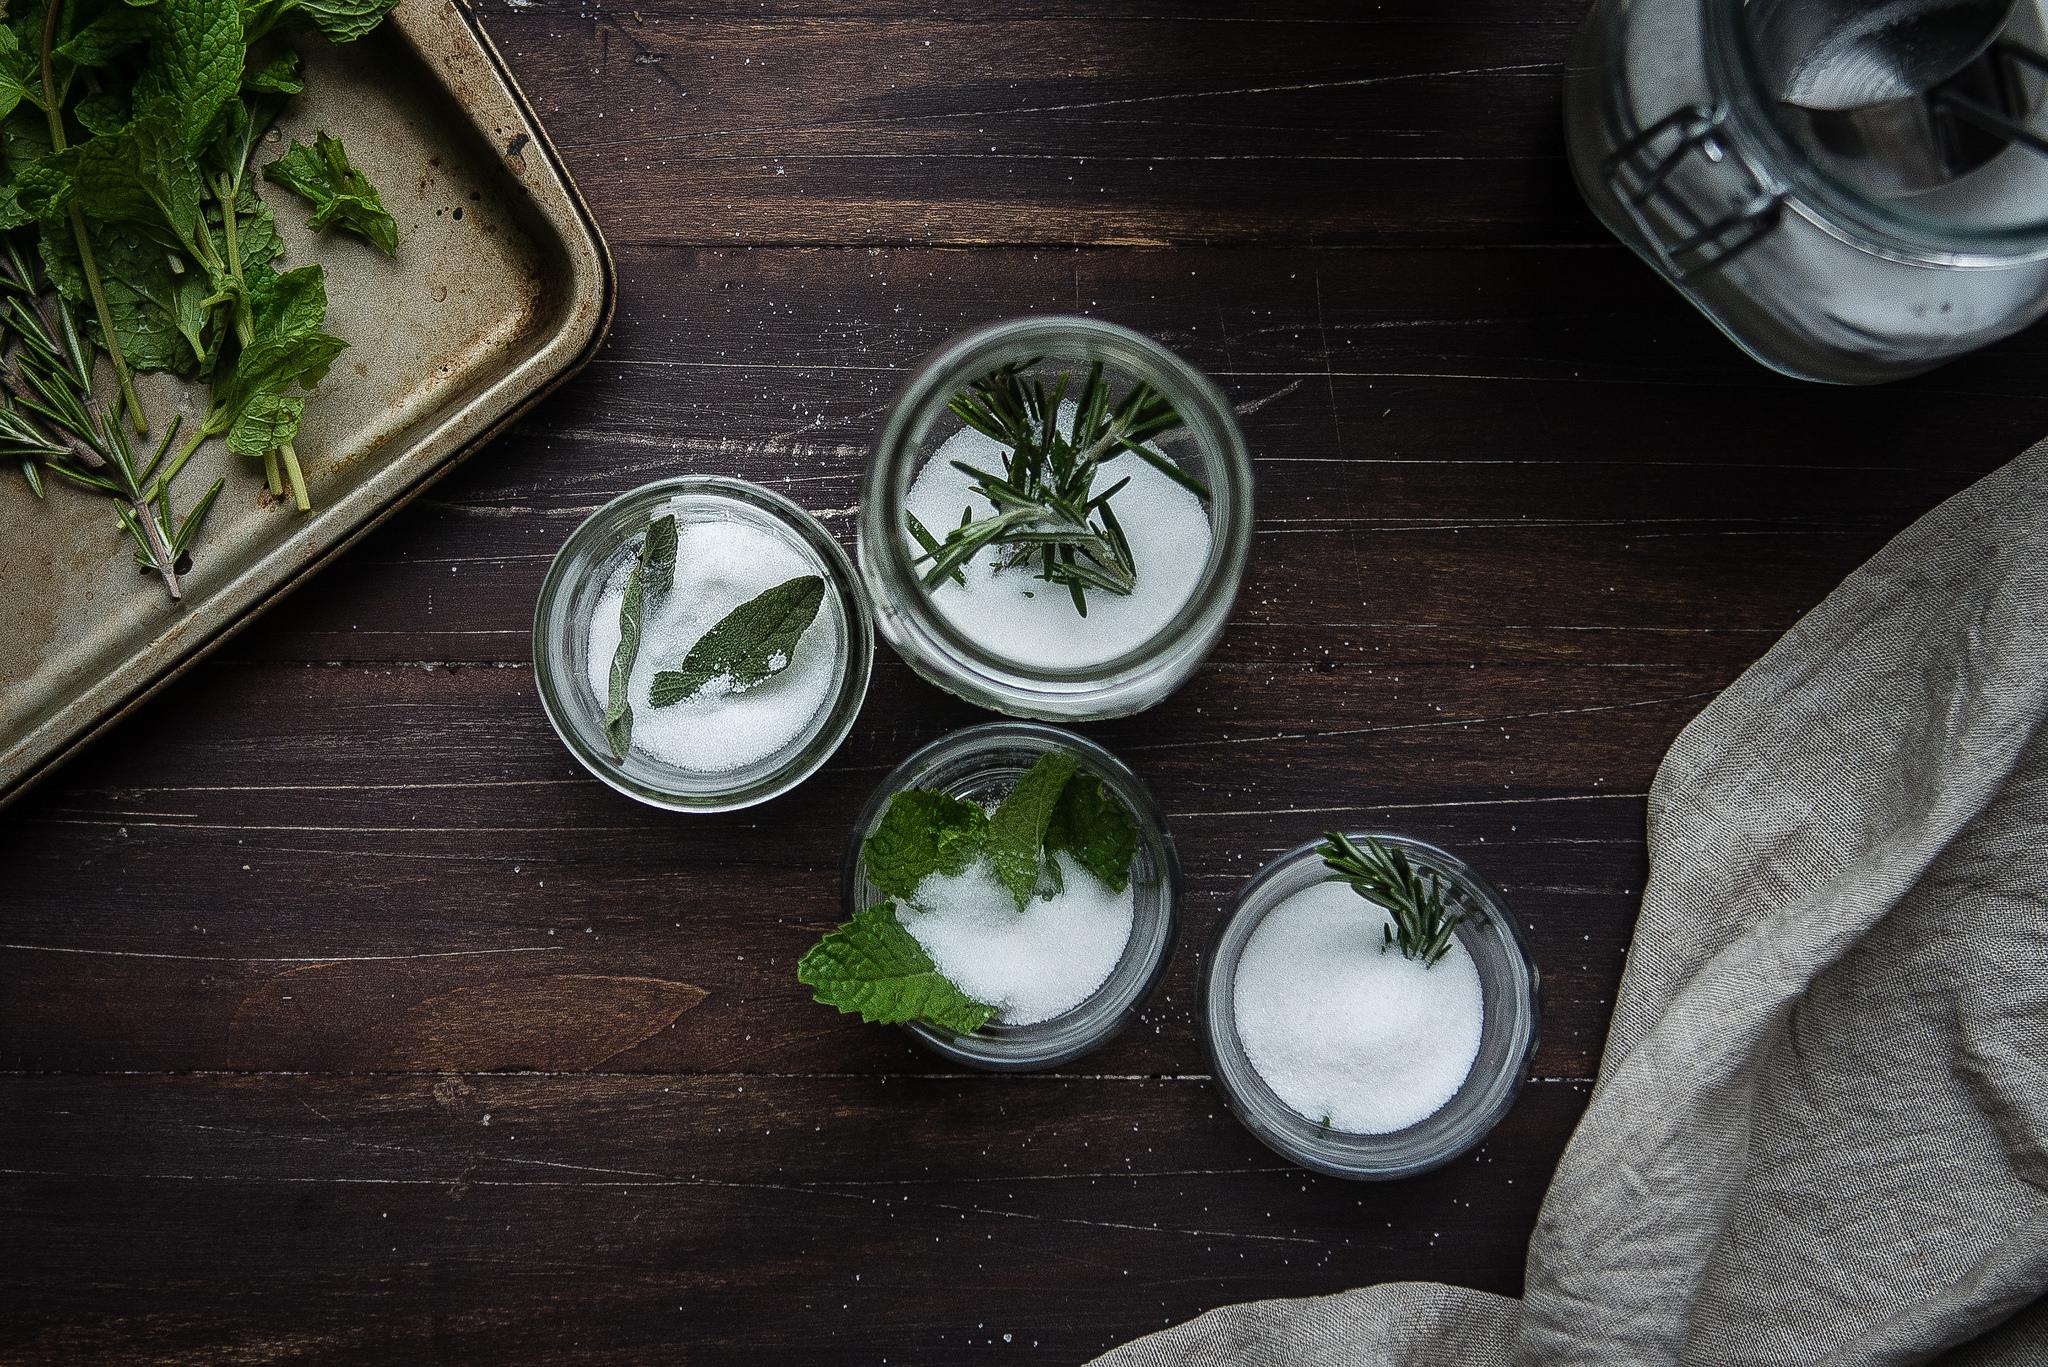 herb-infused sugars